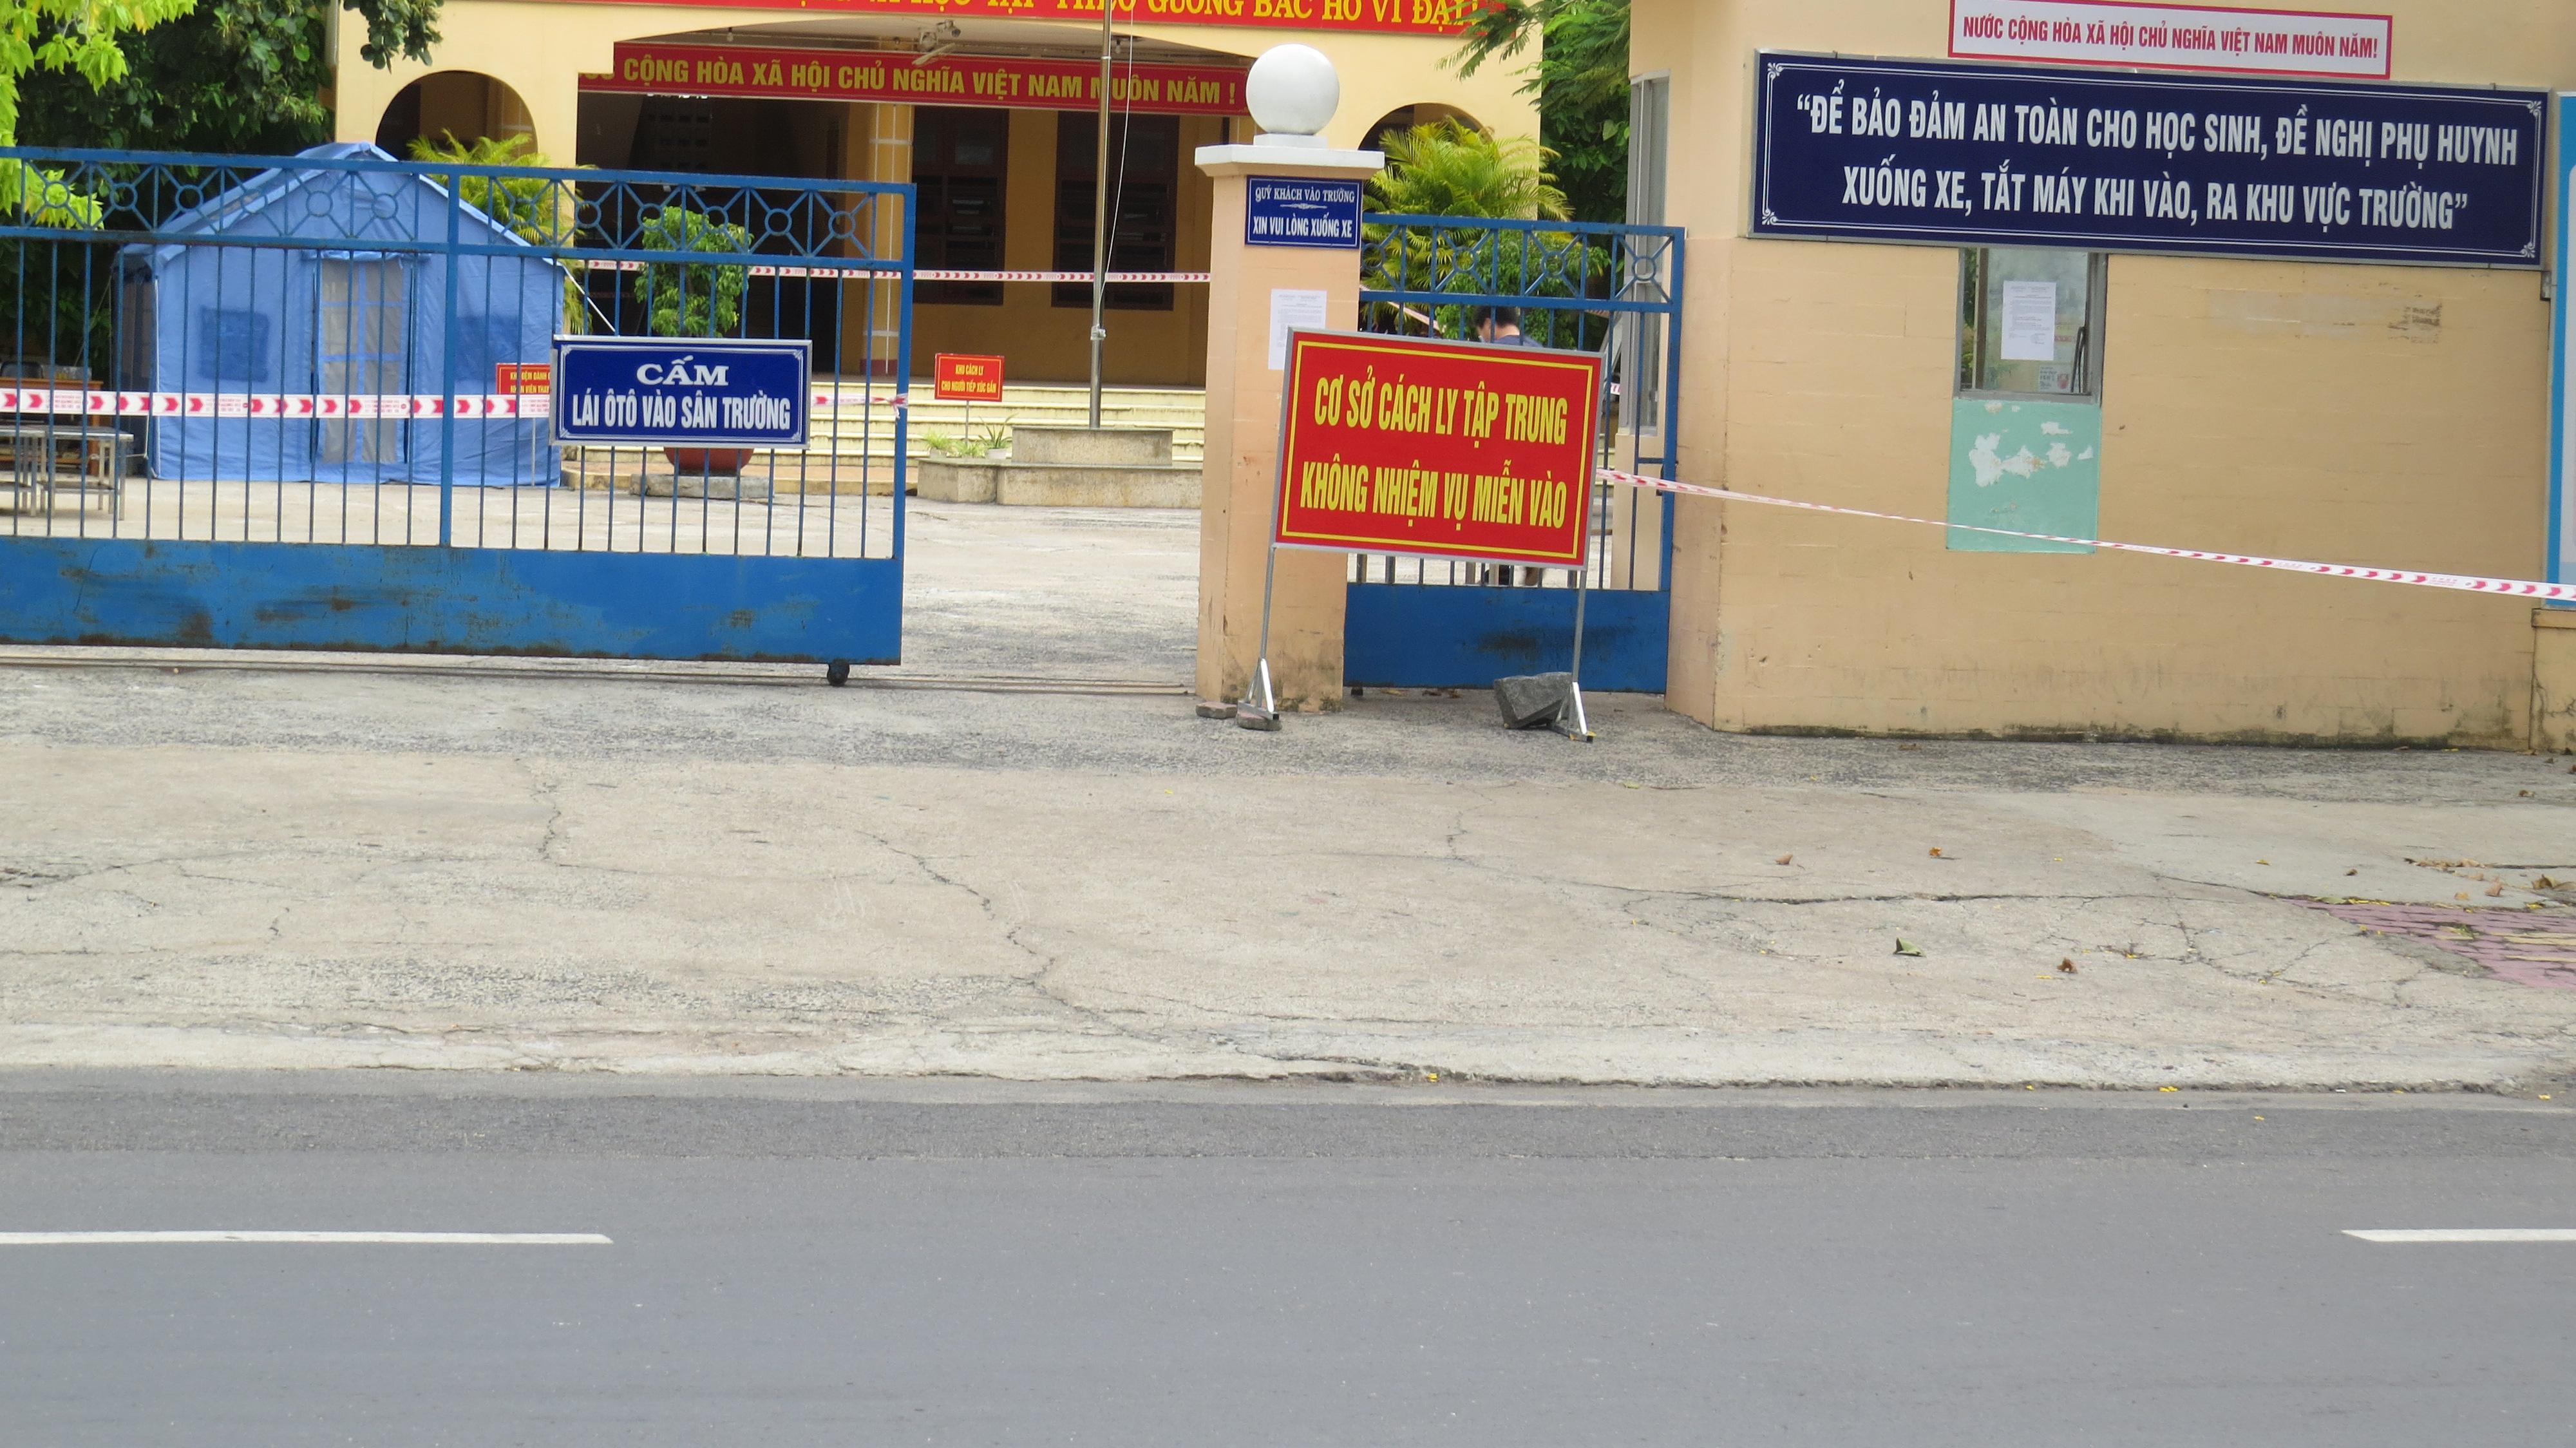 Phú Yên thêm 85 ca, Quảng Nam có 1 ca dương tính nCoV